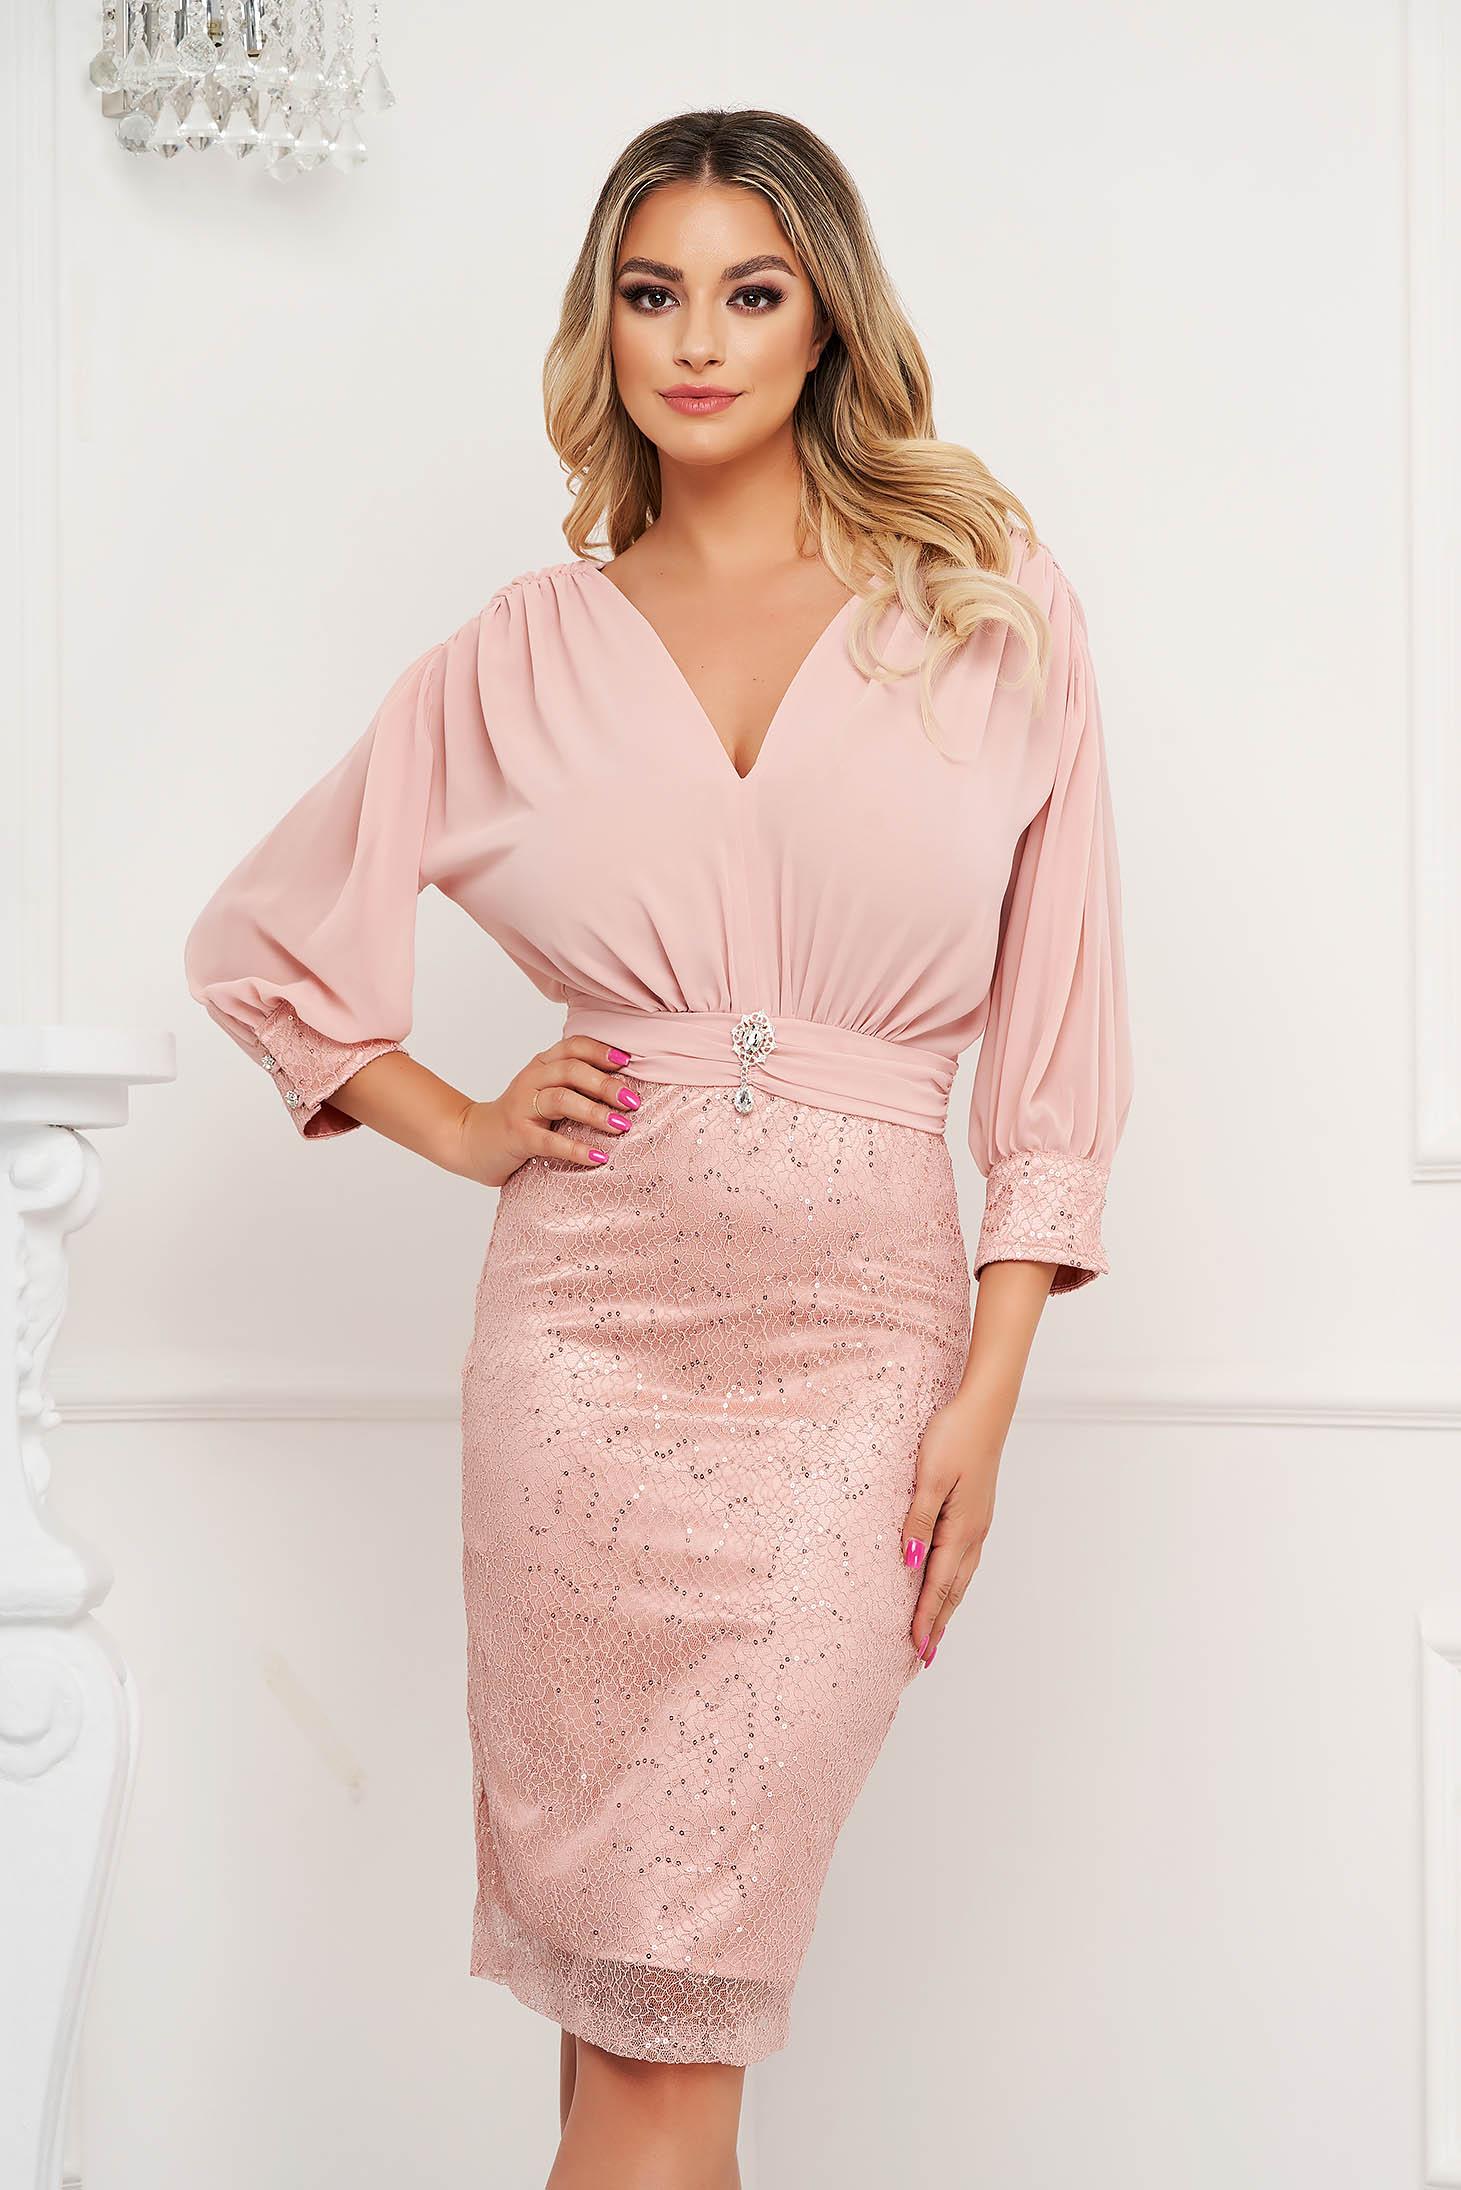 Púder rózsaszínű szatén ceruza ruha selyem muszlinból átfedéssel a szoknyában és bross kiegészítővel